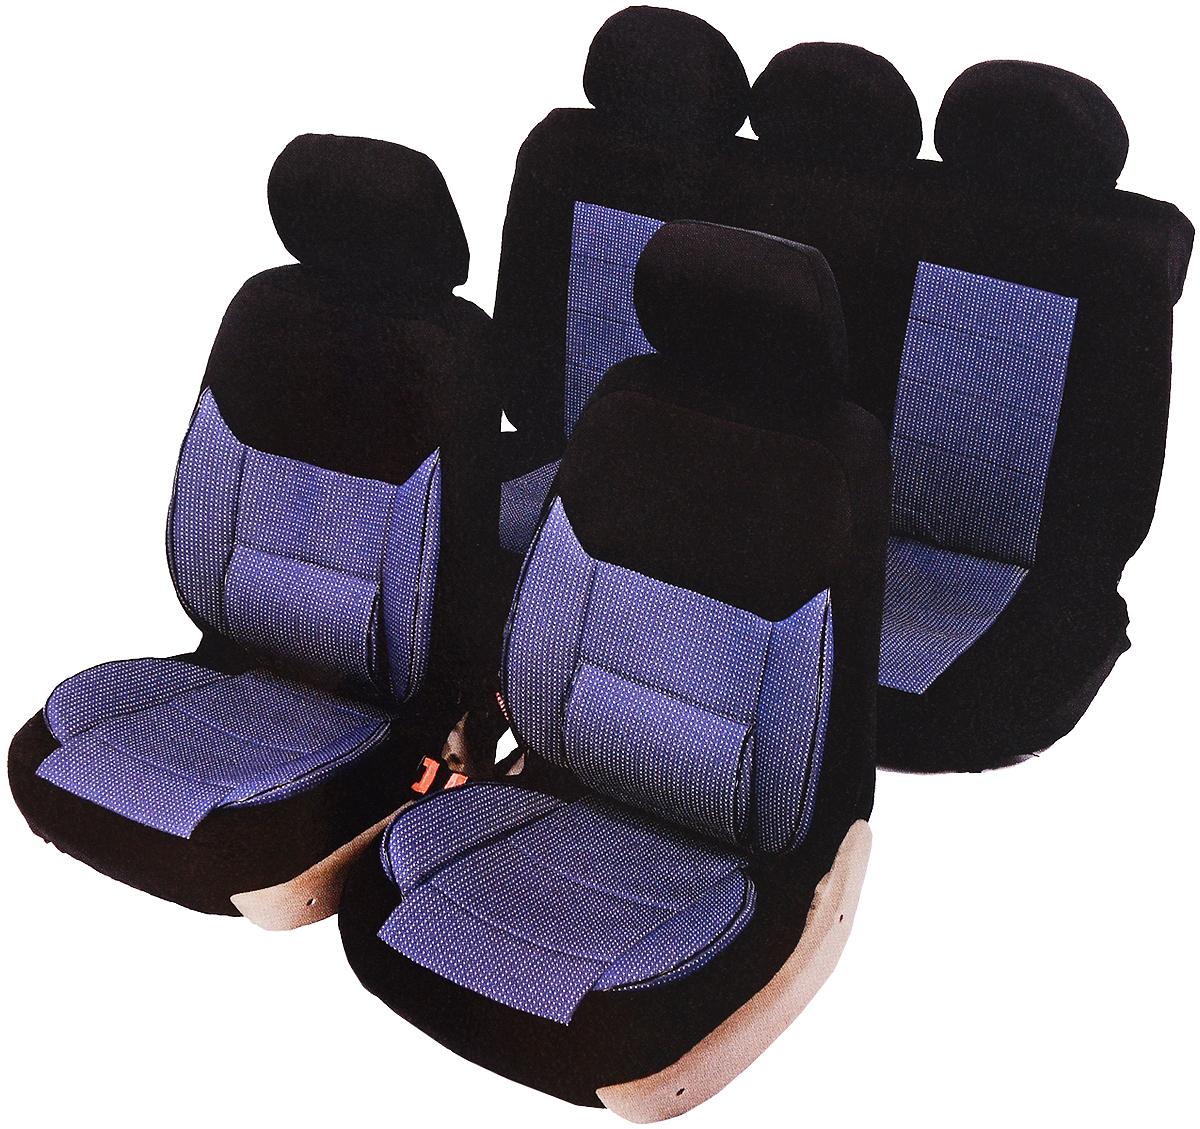 """Чехлы автомобильные Senator """"California"""", универсальные, с ортопедической поддержкой, цвет: темно-синий, 11 предметов. Размер M SJ011163"""